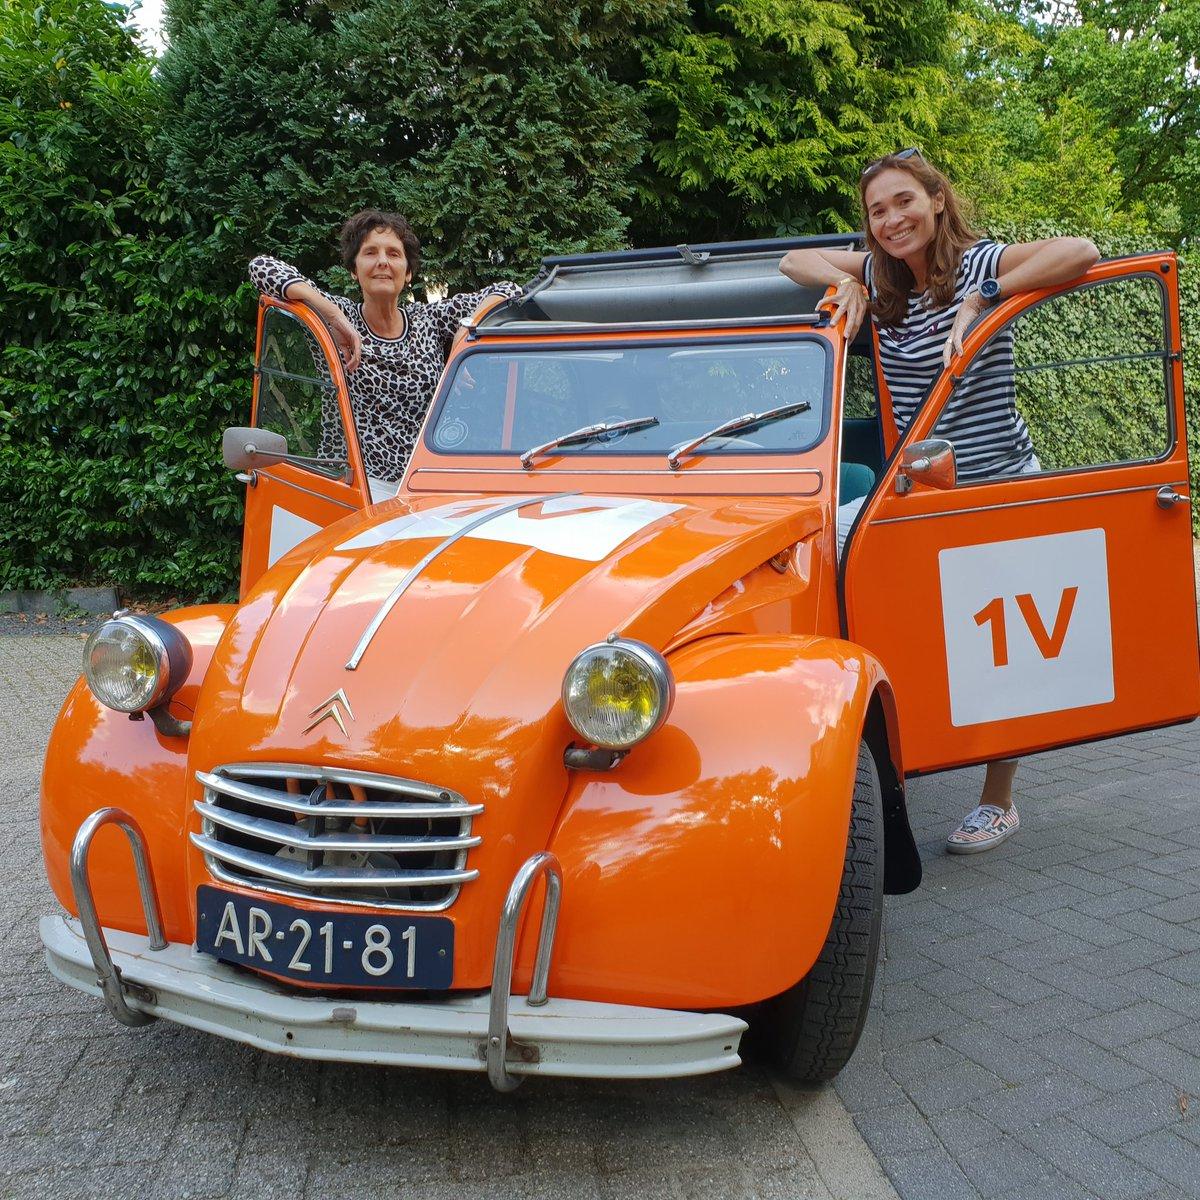 Leuk interview voor #EendVandaag....touren door Loosdrecht in een oude electische eend!!🦆🦆🦆 #Loosdrechtseplassen #eendvandaag #interview